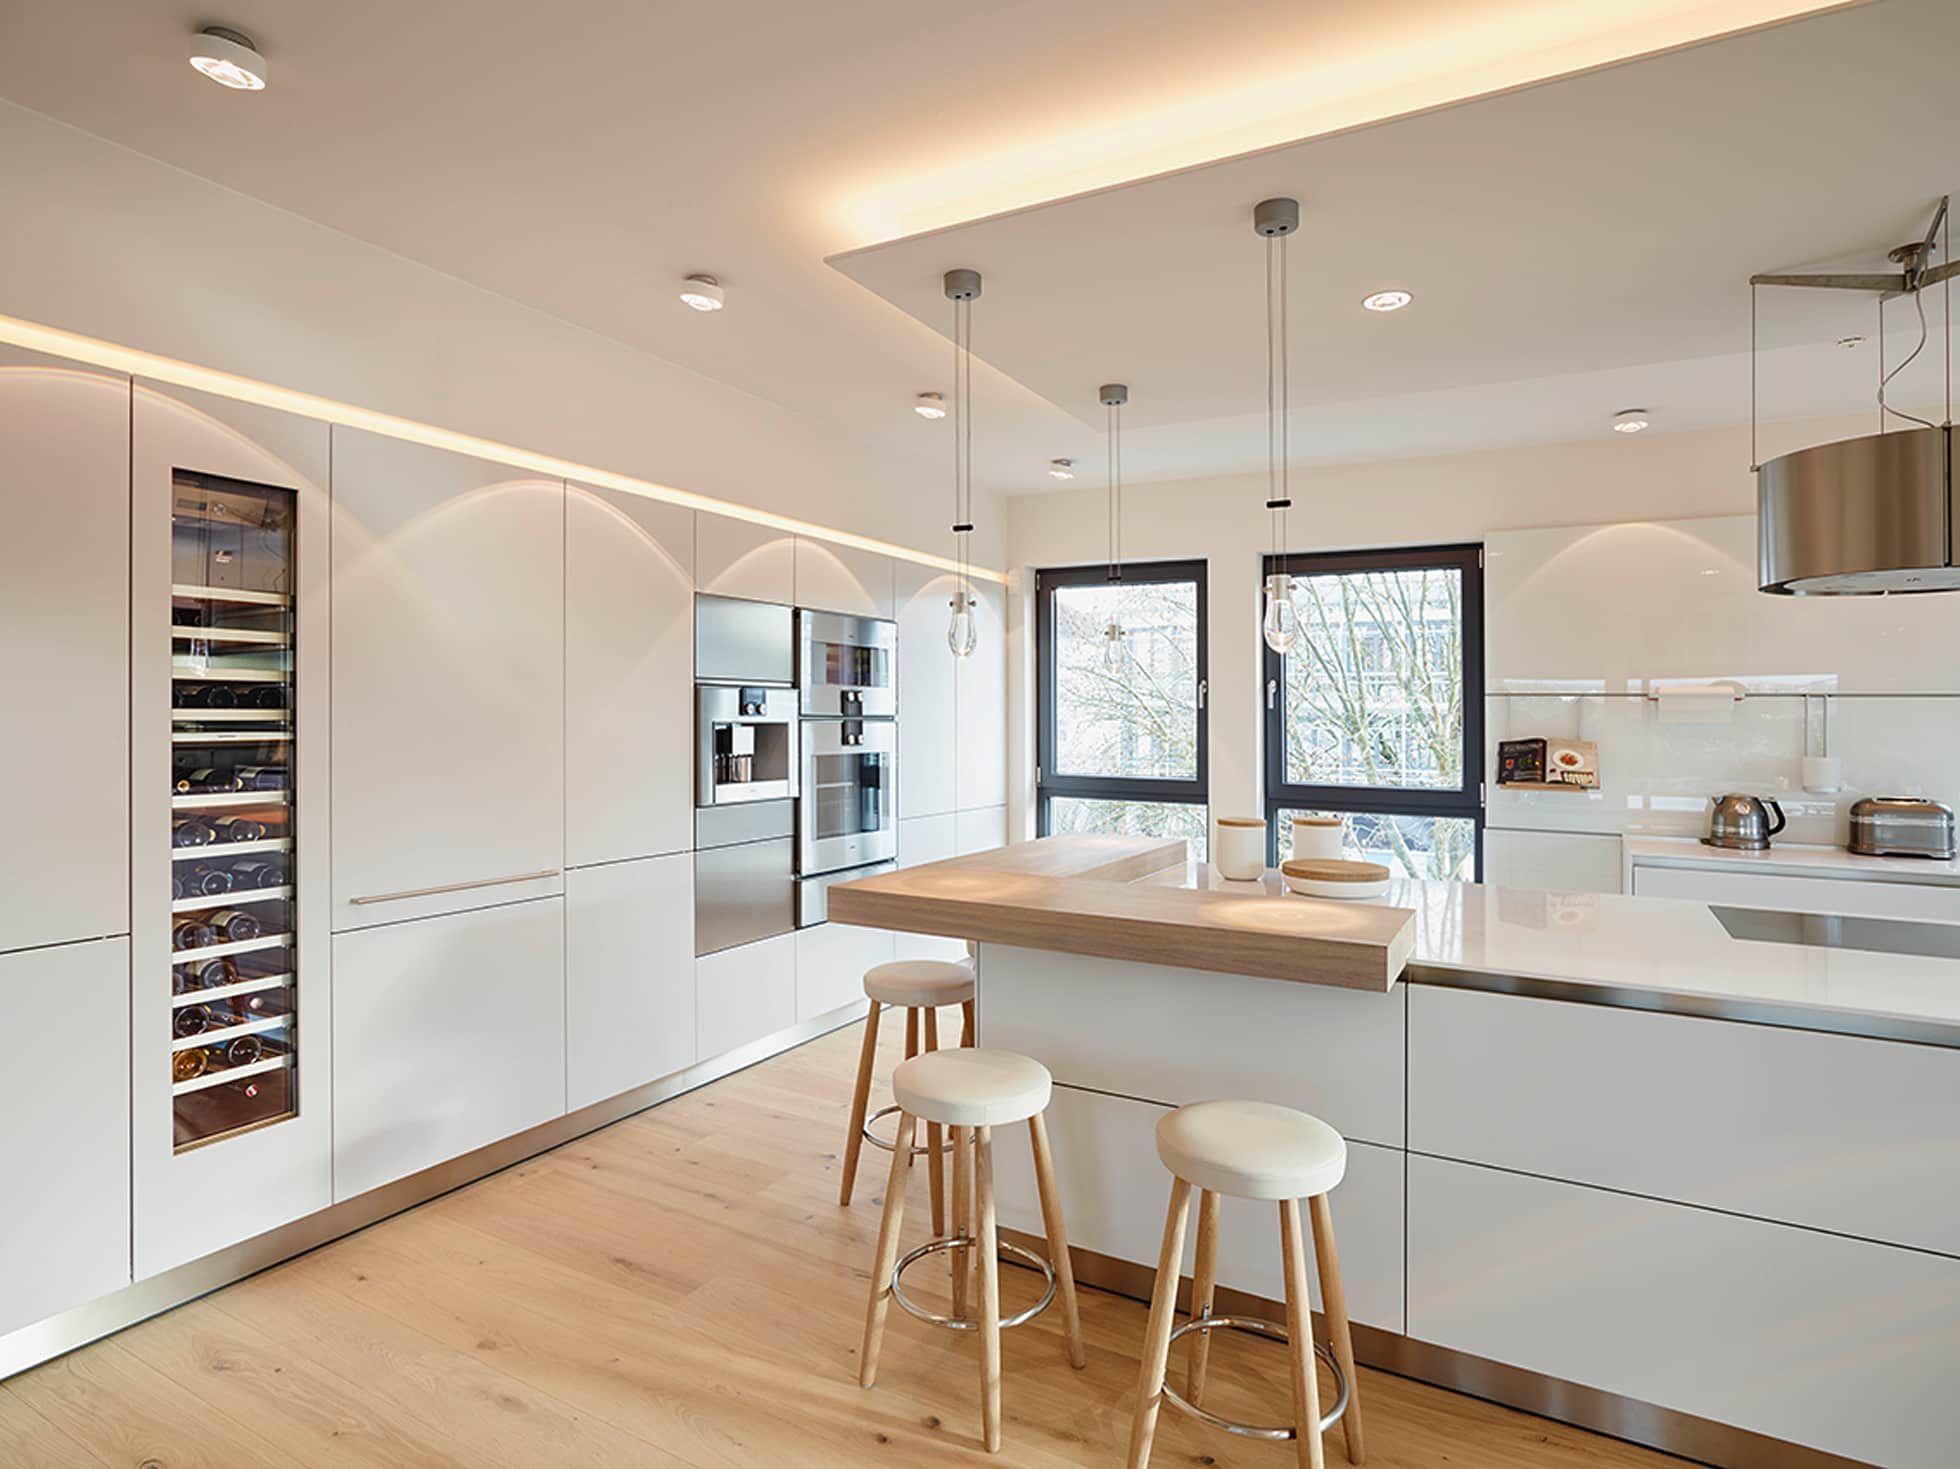 Home küche innenarchitektur bilder penthouse moderne küche von honeyandspice innenarchitektur  design